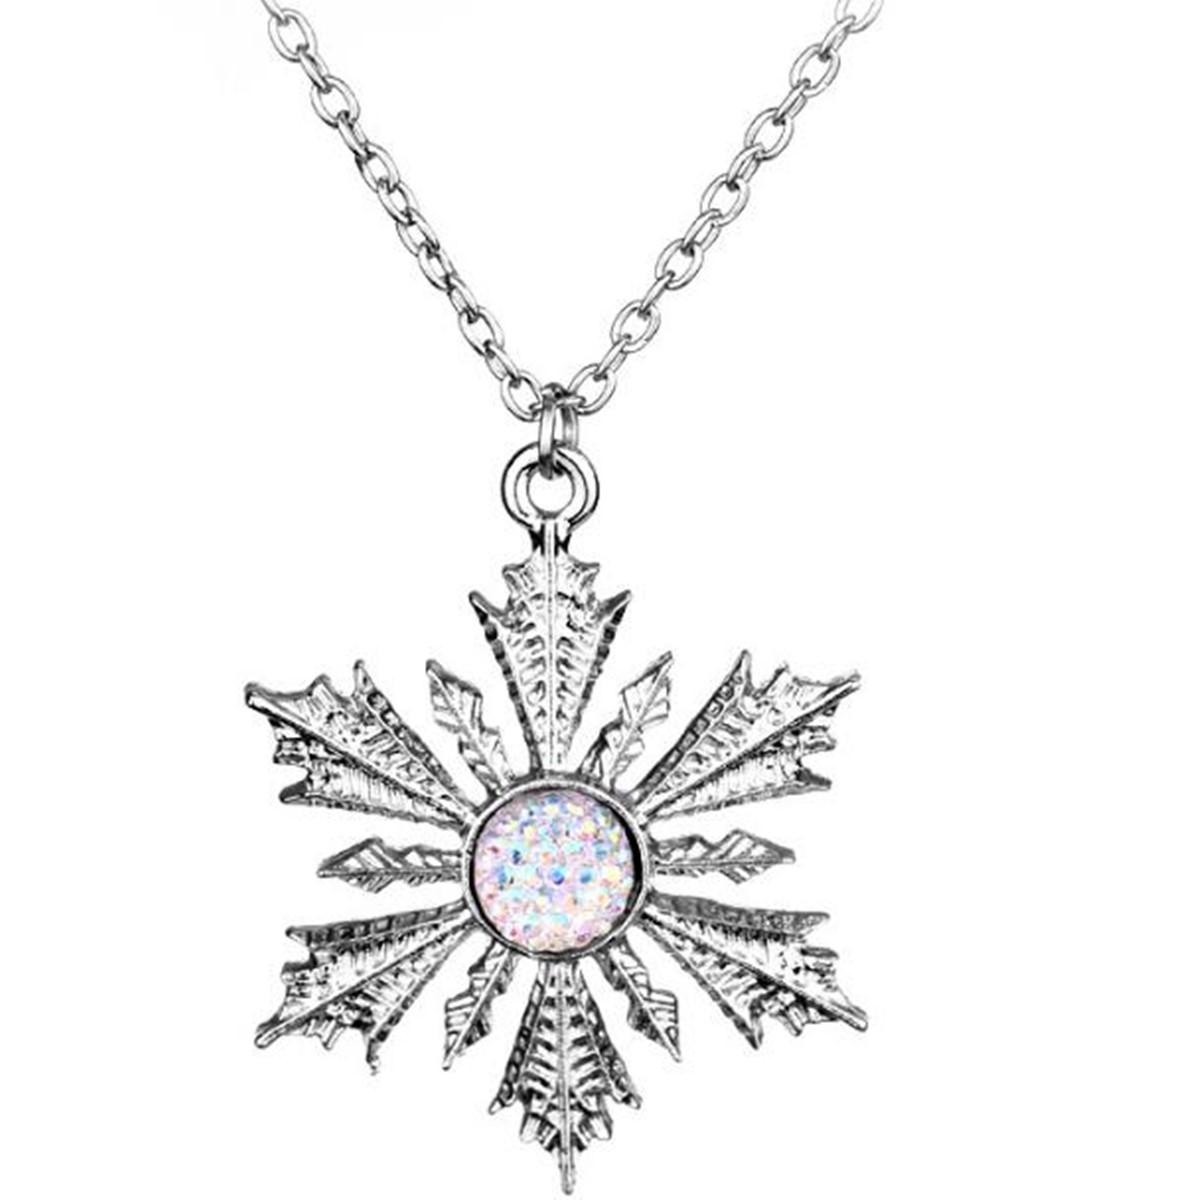 Подвески Принцесса Снежинка Choker ожерелье Моды цветок Женщина Подвеска Ожерелье рождественских подарки ювелирные изделия Донченг Once Upon A Time